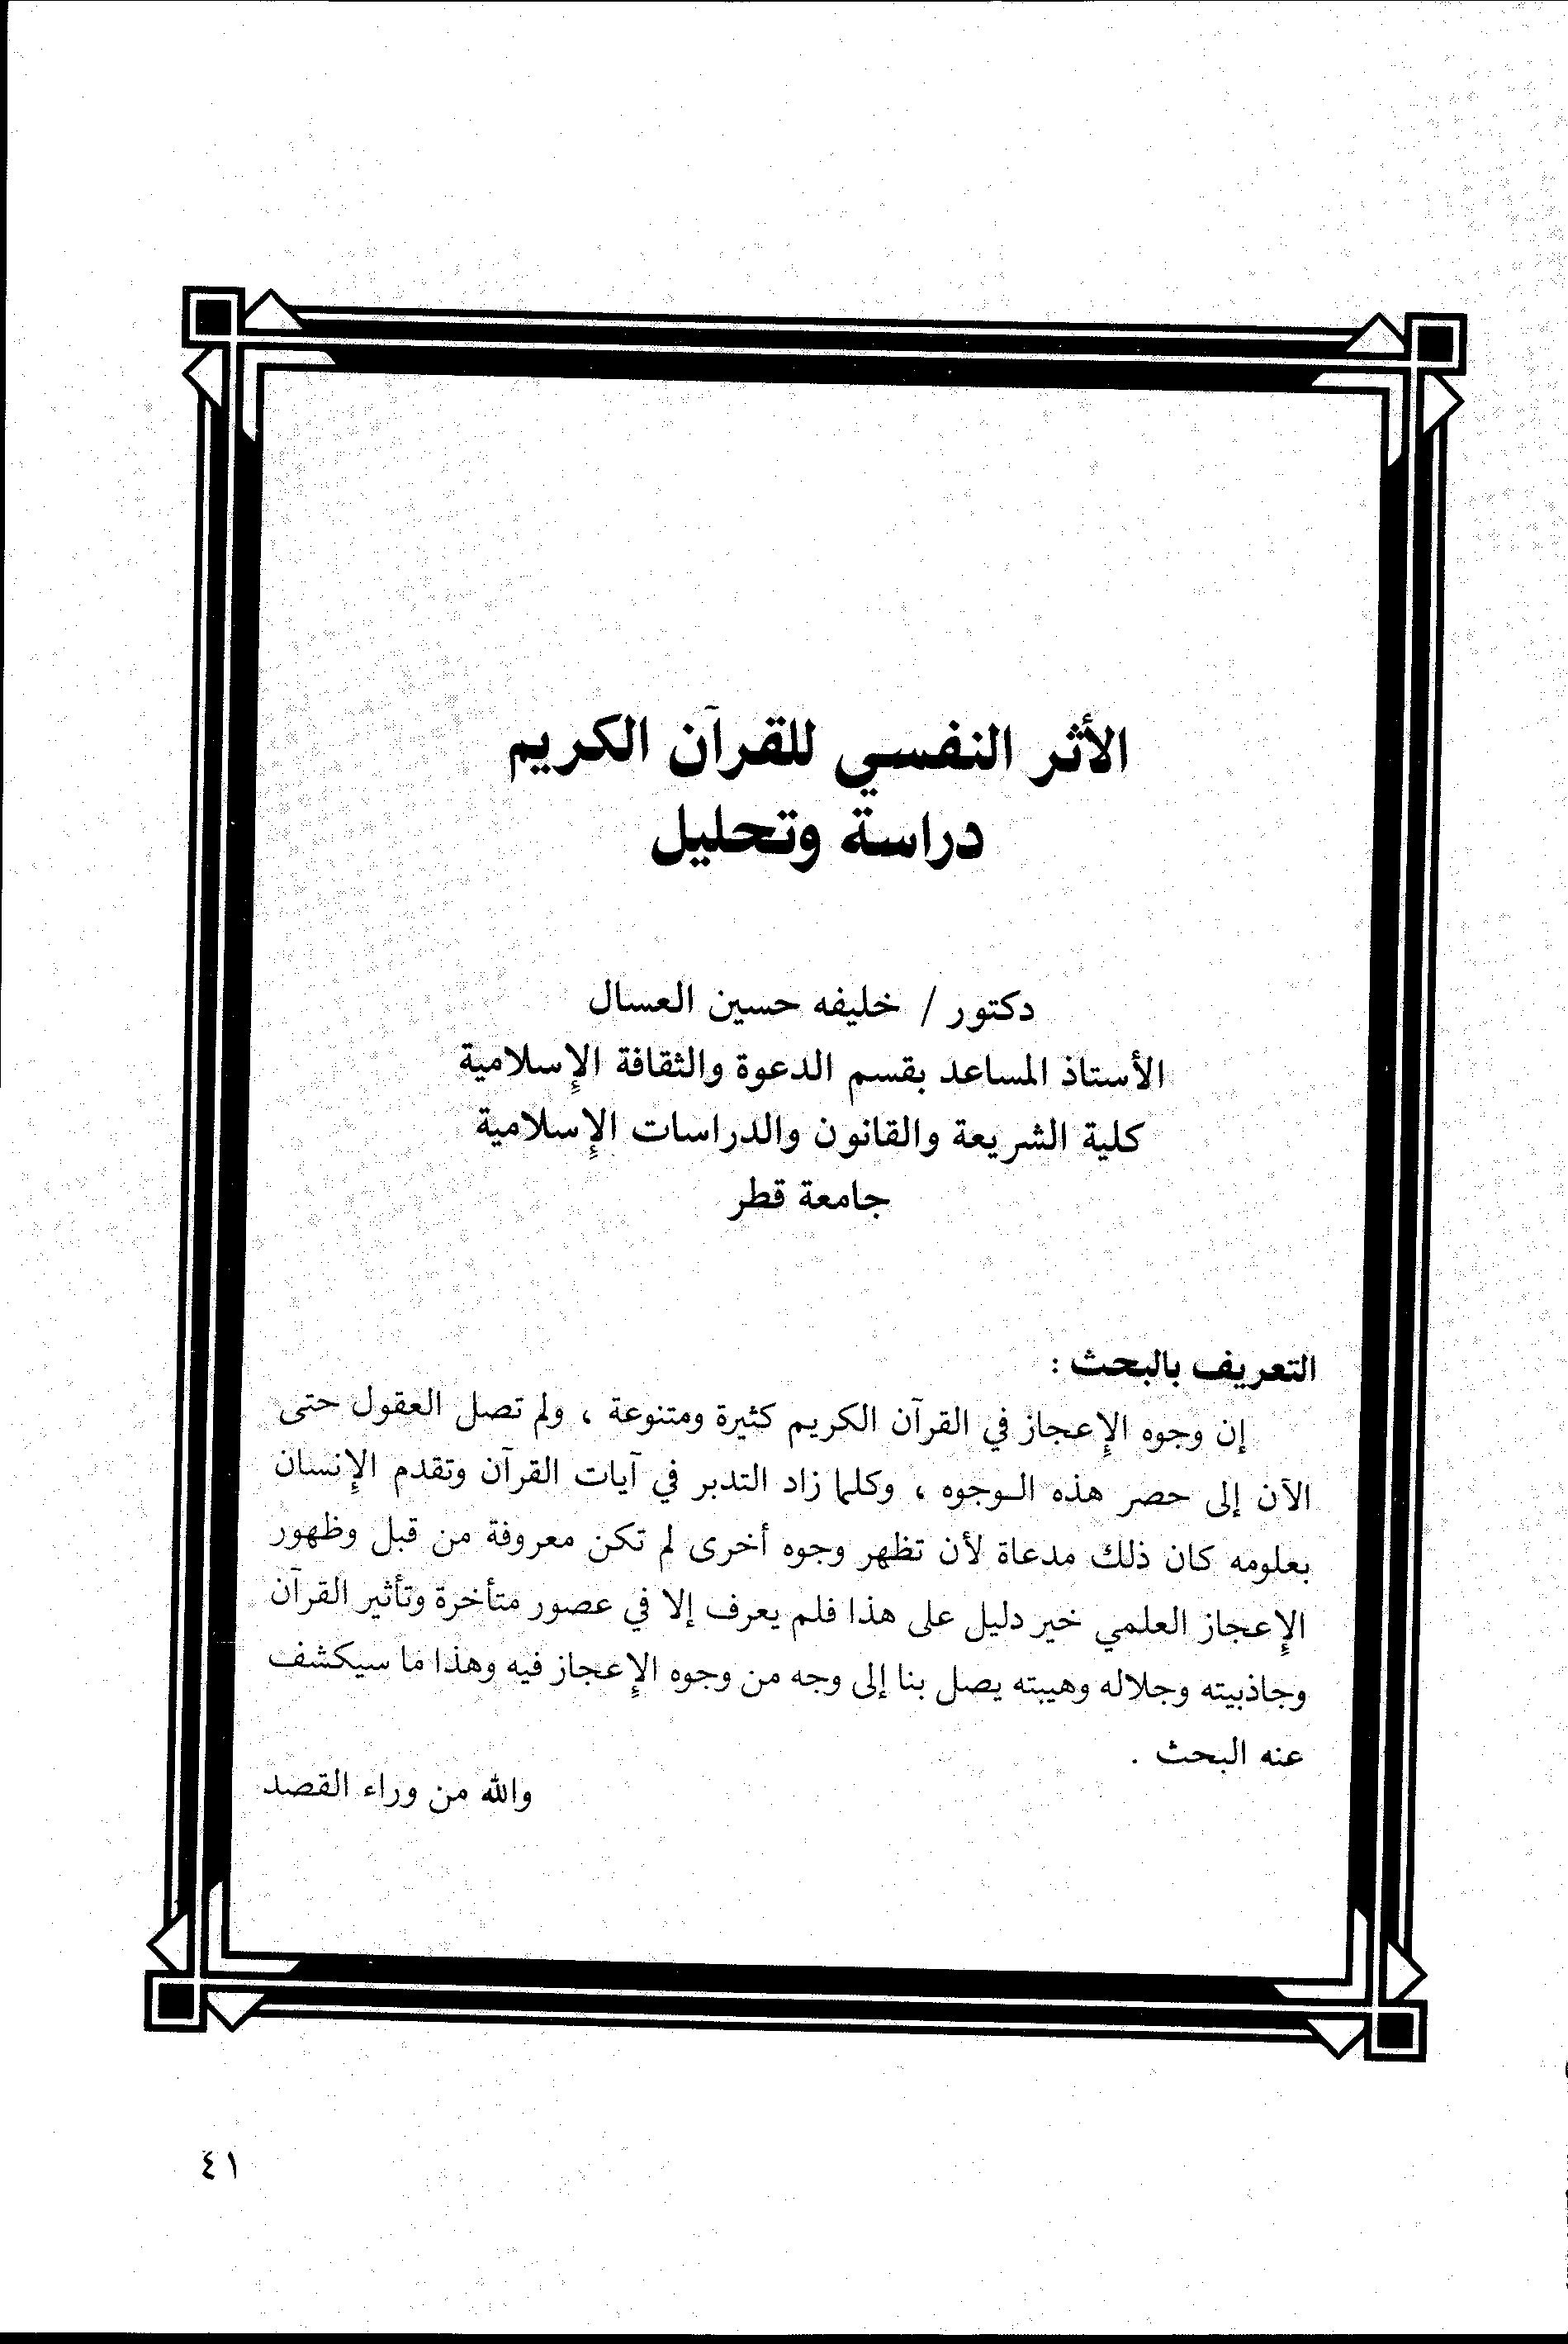 تحميل كتاب الأثر النفسي للقرآن الكريم (دراسة وتحليل) لـِ: الدكتور خليفة حسين العسال